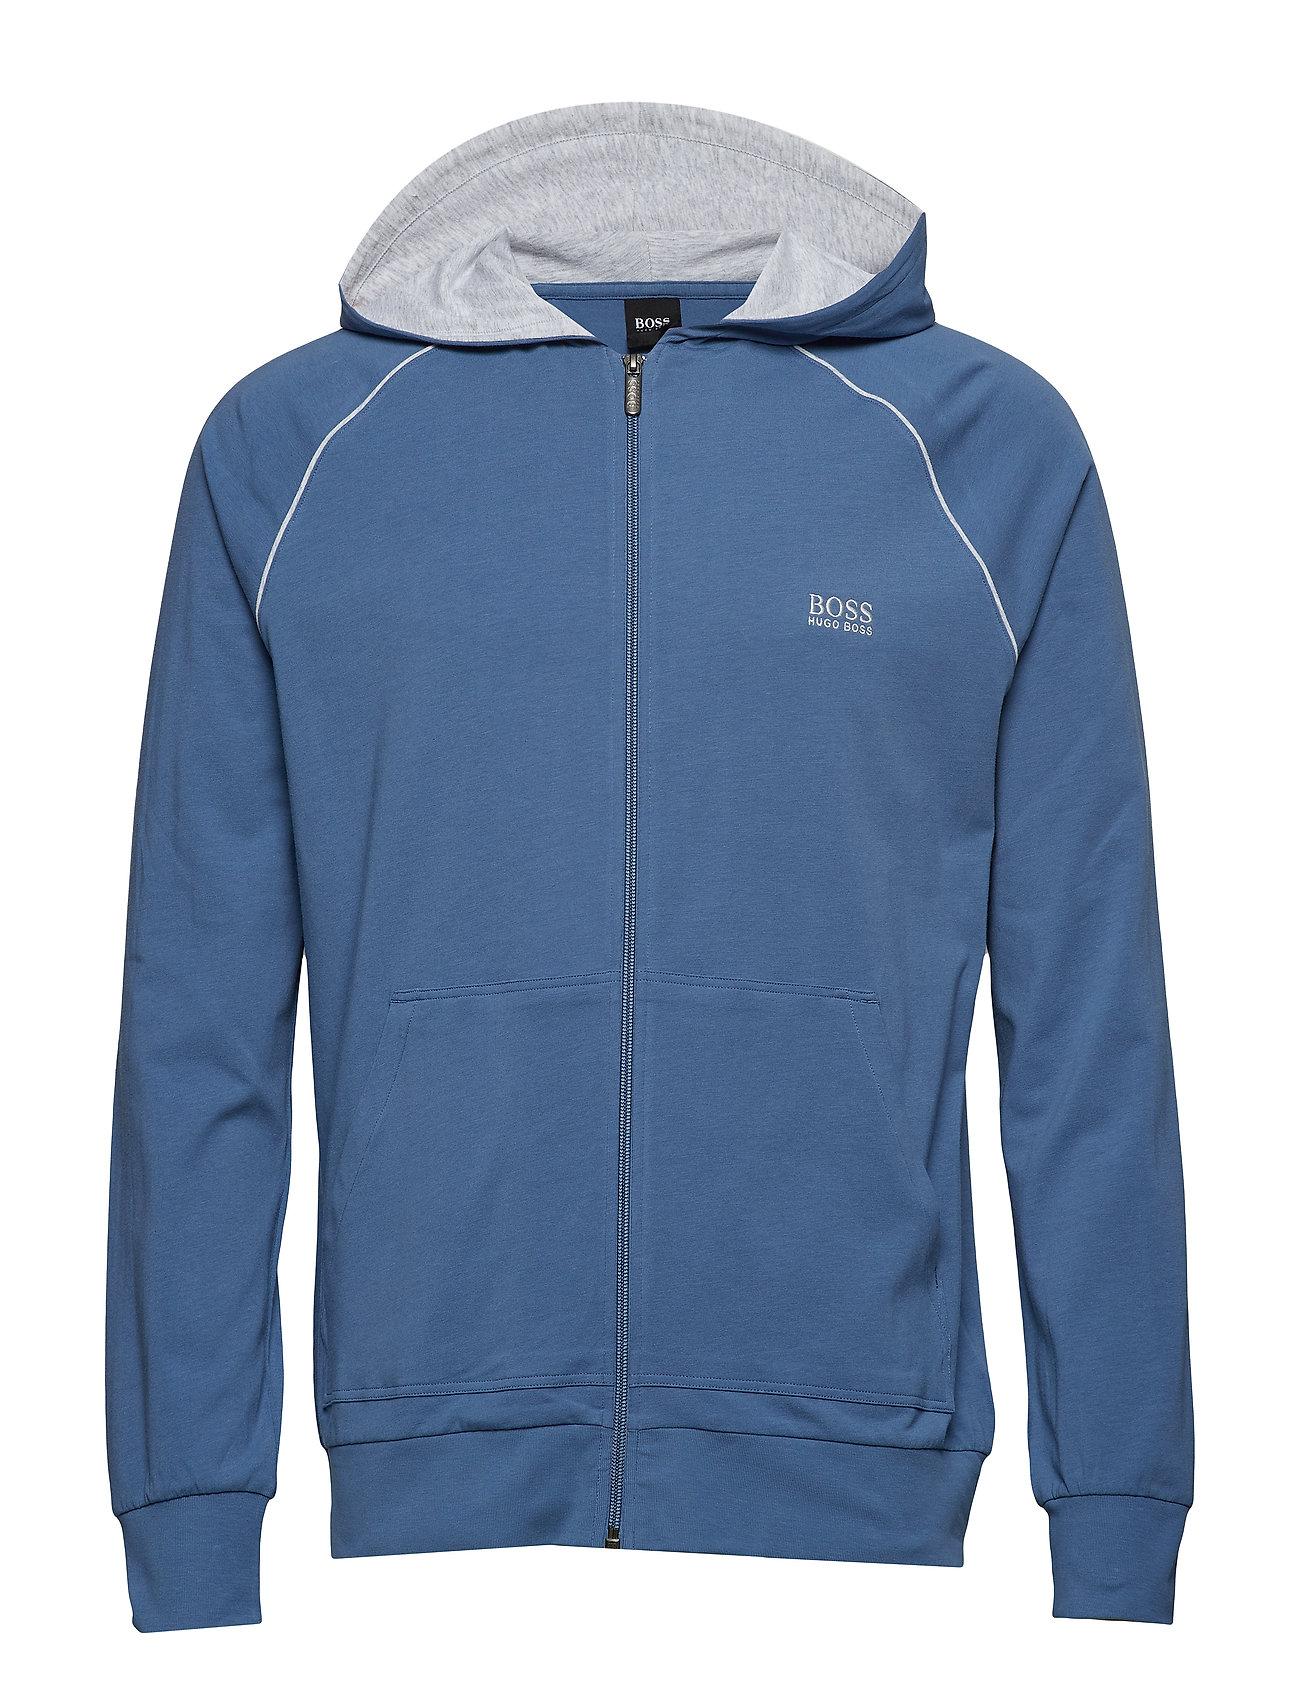 BOSS Business Wear Mix&Match Jacket H - LIGHT/PASTEL BLUE